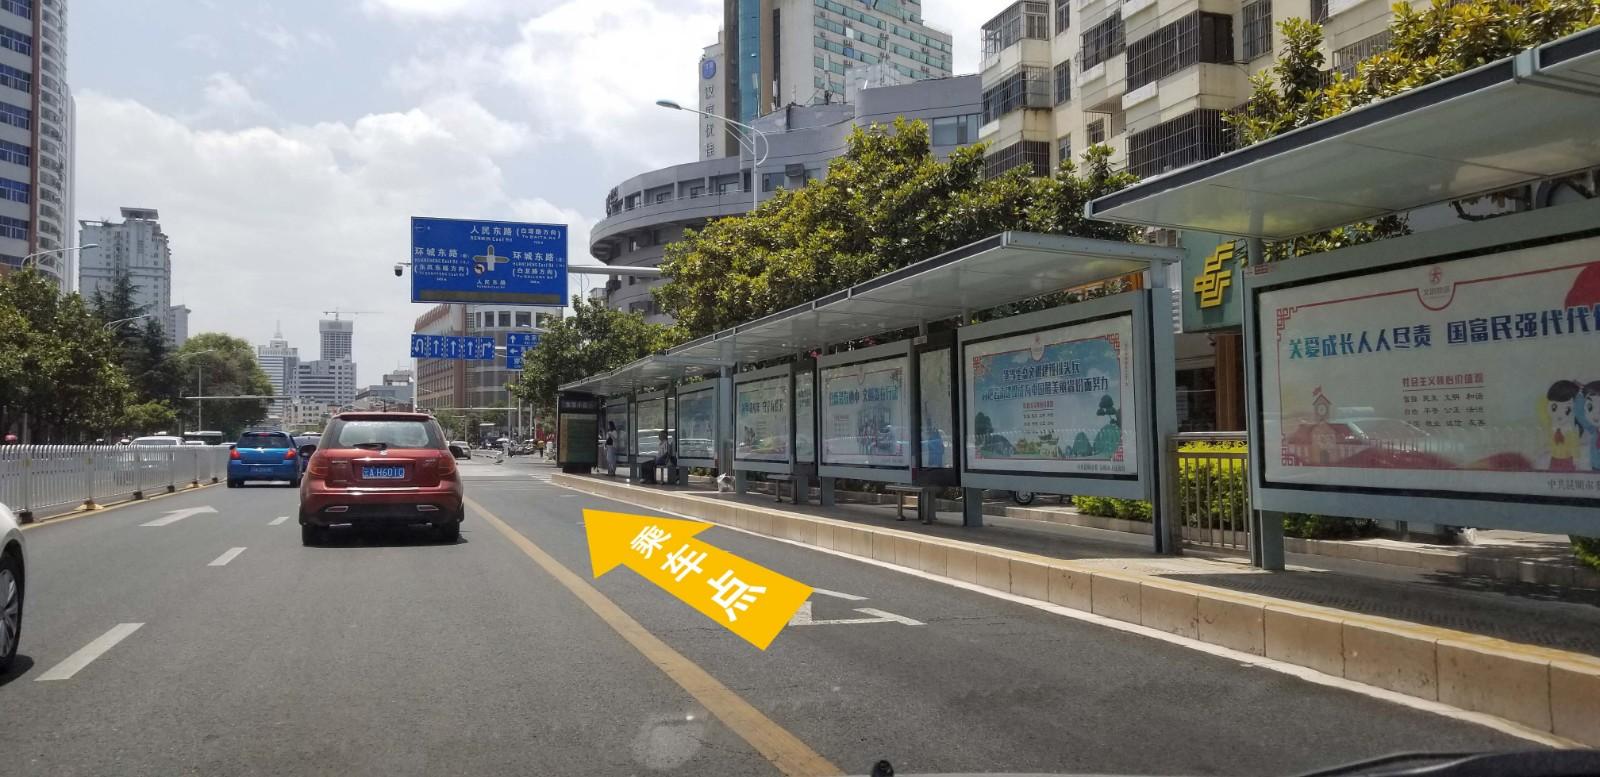 7北线-东华小区.jpg